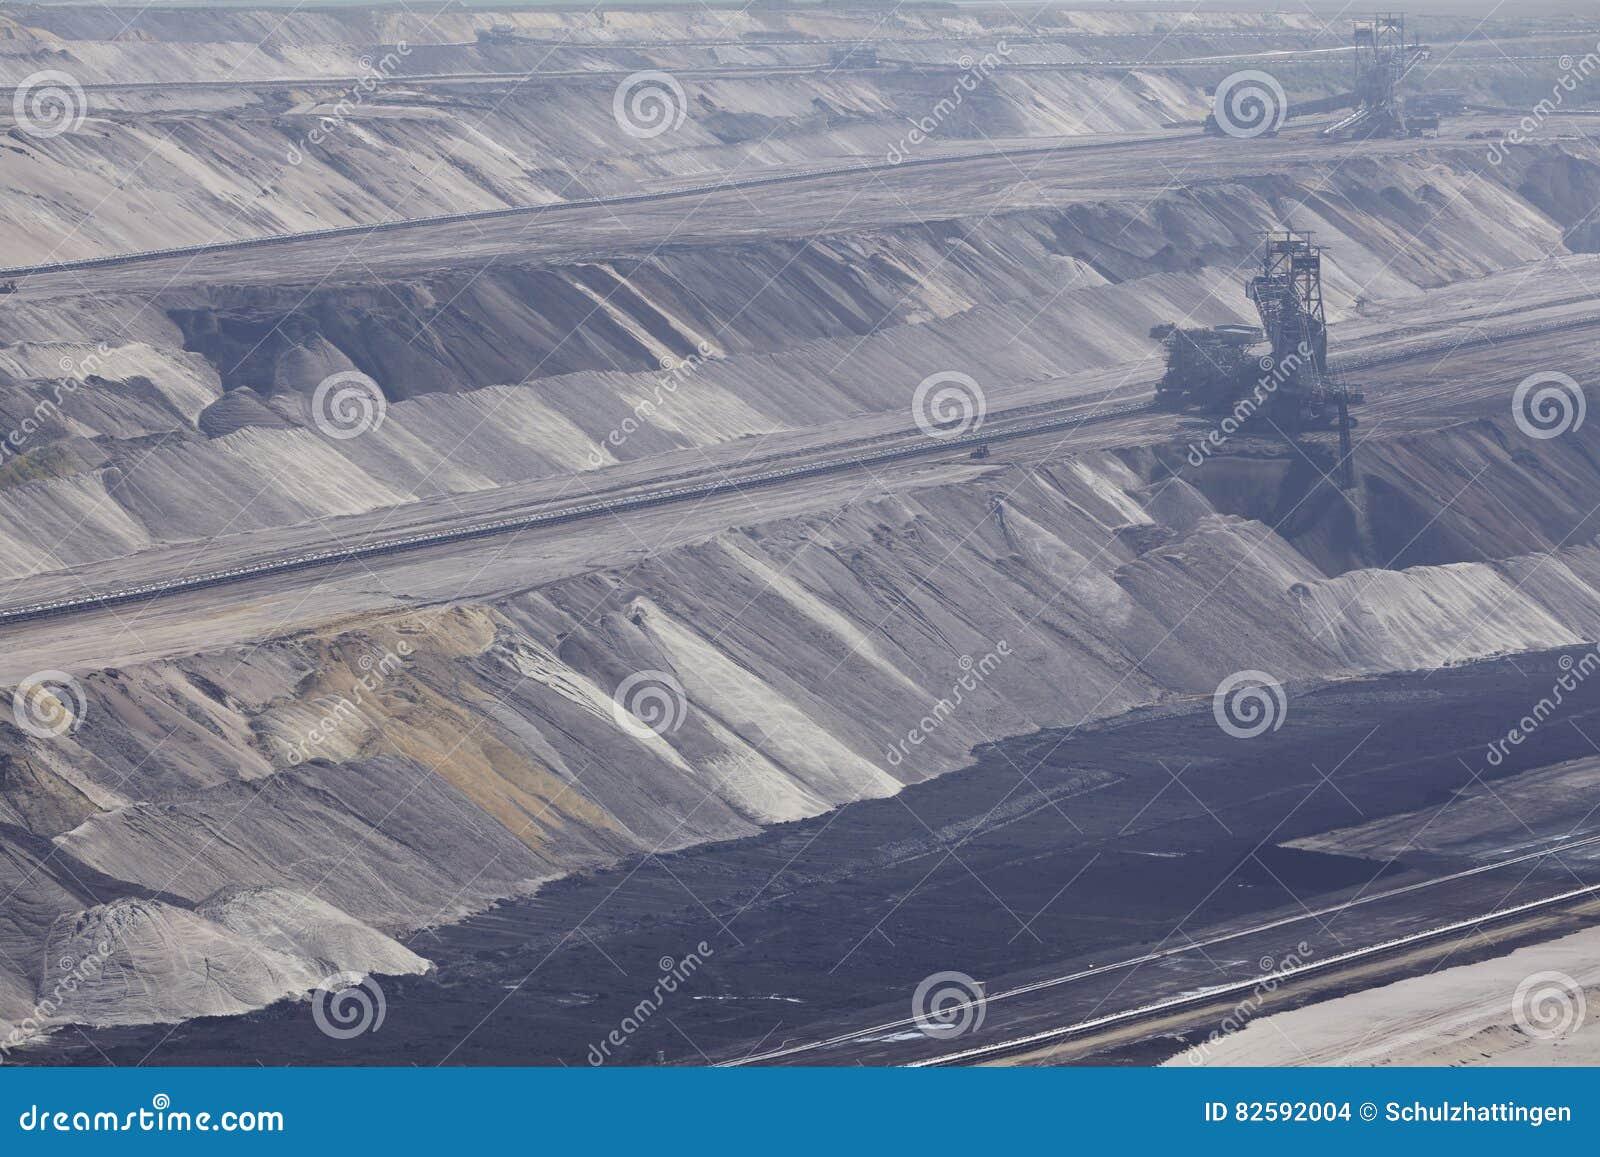 Carvão de Brown - camadas de terra na mineração opencast Garzweiler Alemanha